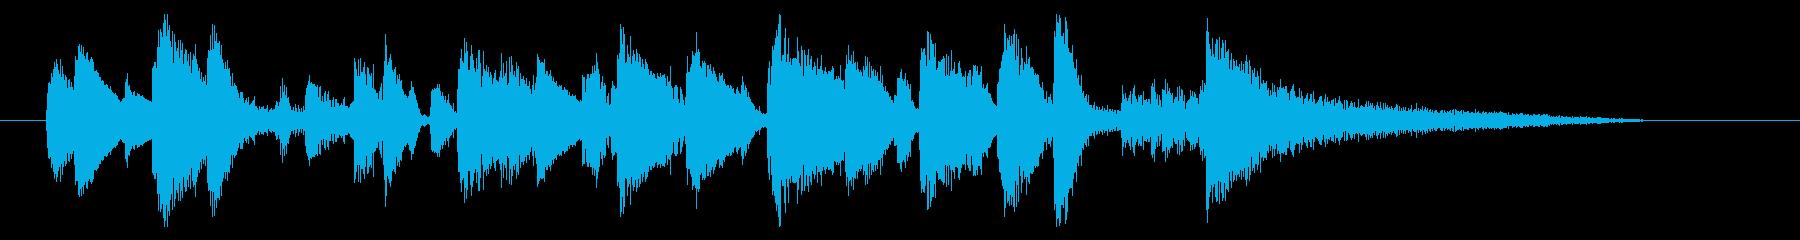 ジングル ジャズ ブルースの再生済みの波形